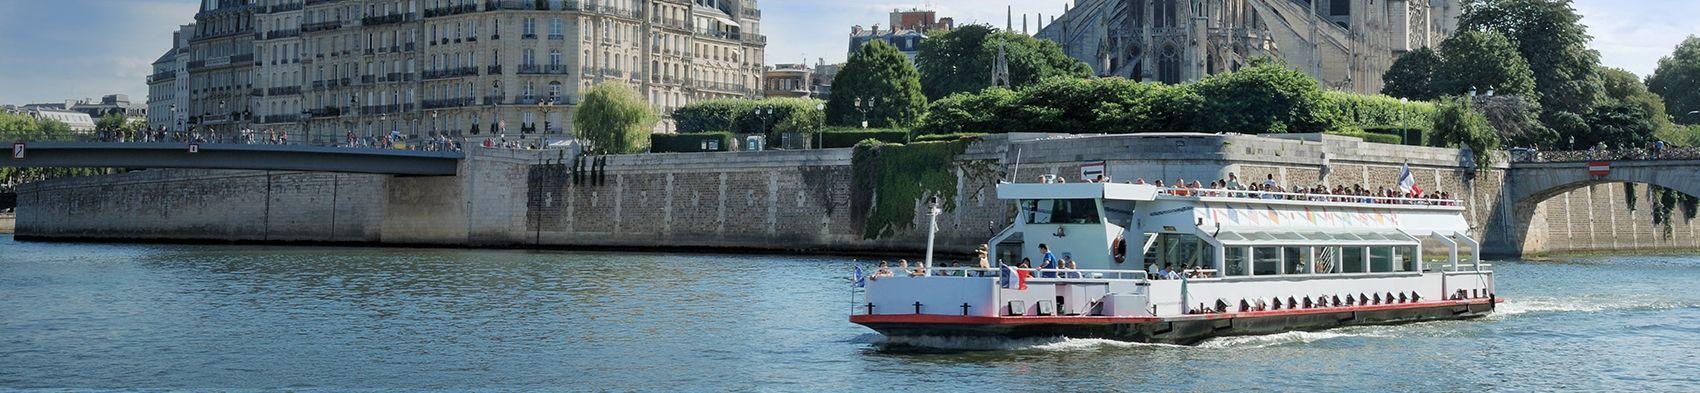 Bateaux parisiens paris a roport cdg roissy - Bureau de change aeroport charles de gaulle ...